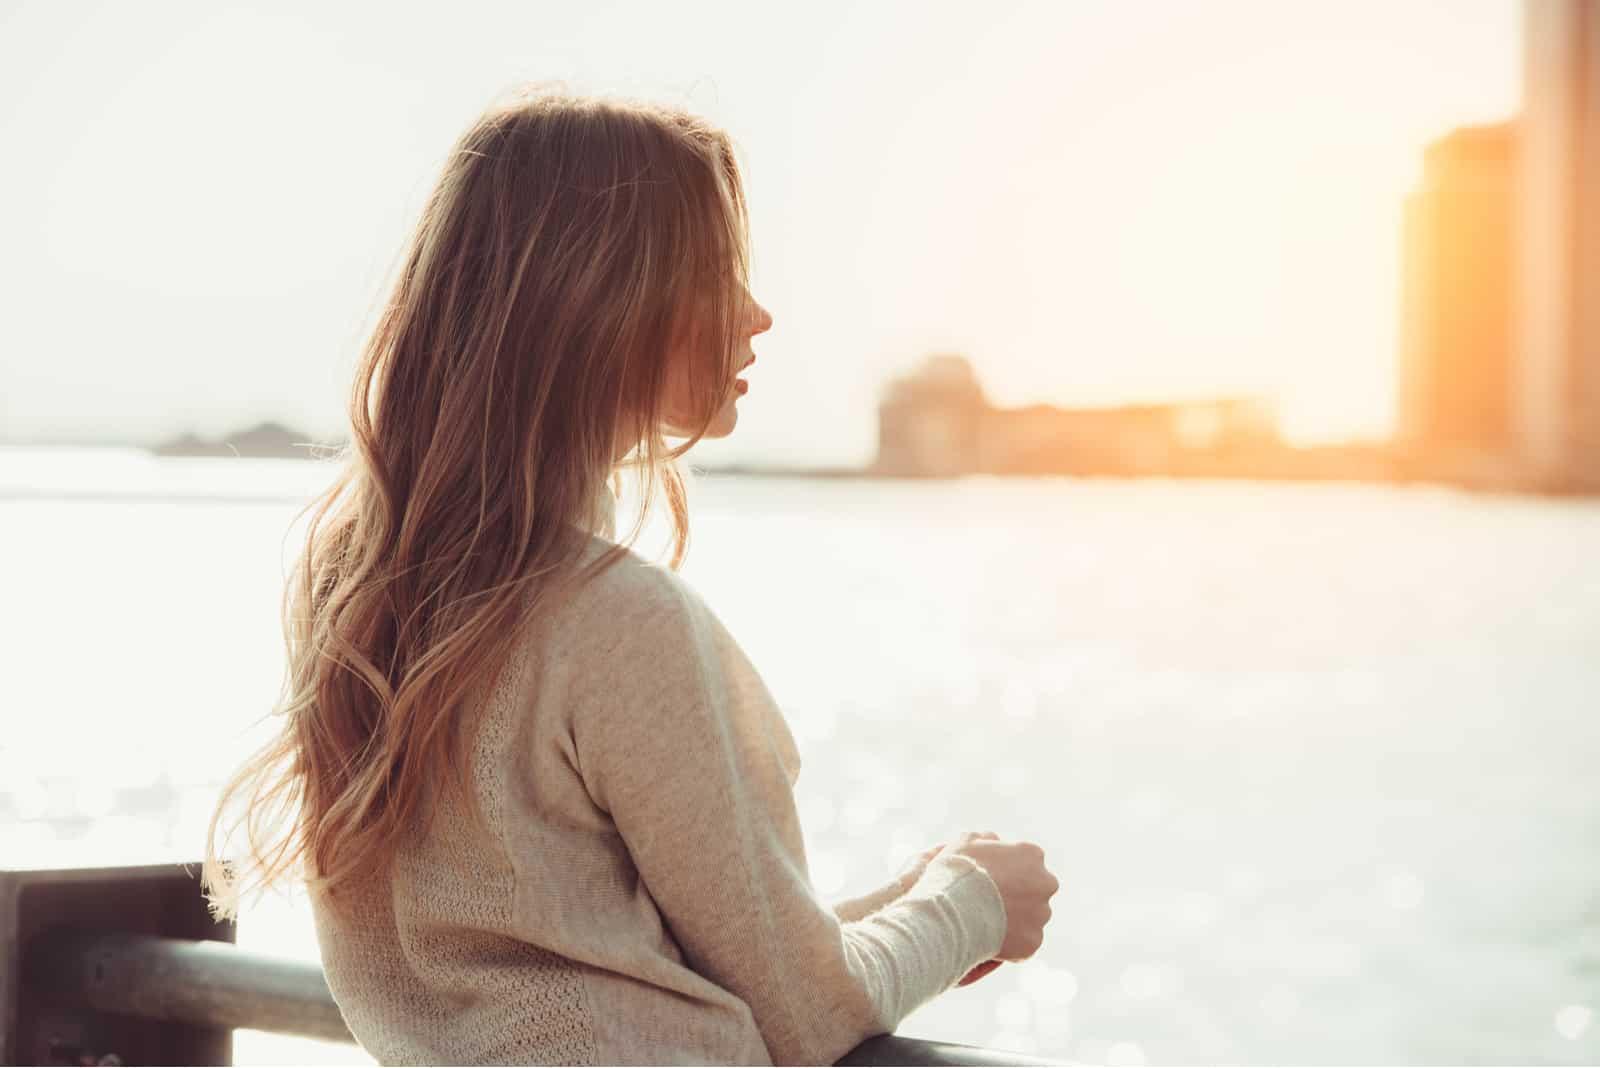 la femme se tient appuyée contre la balustrade et regarde vers la mer